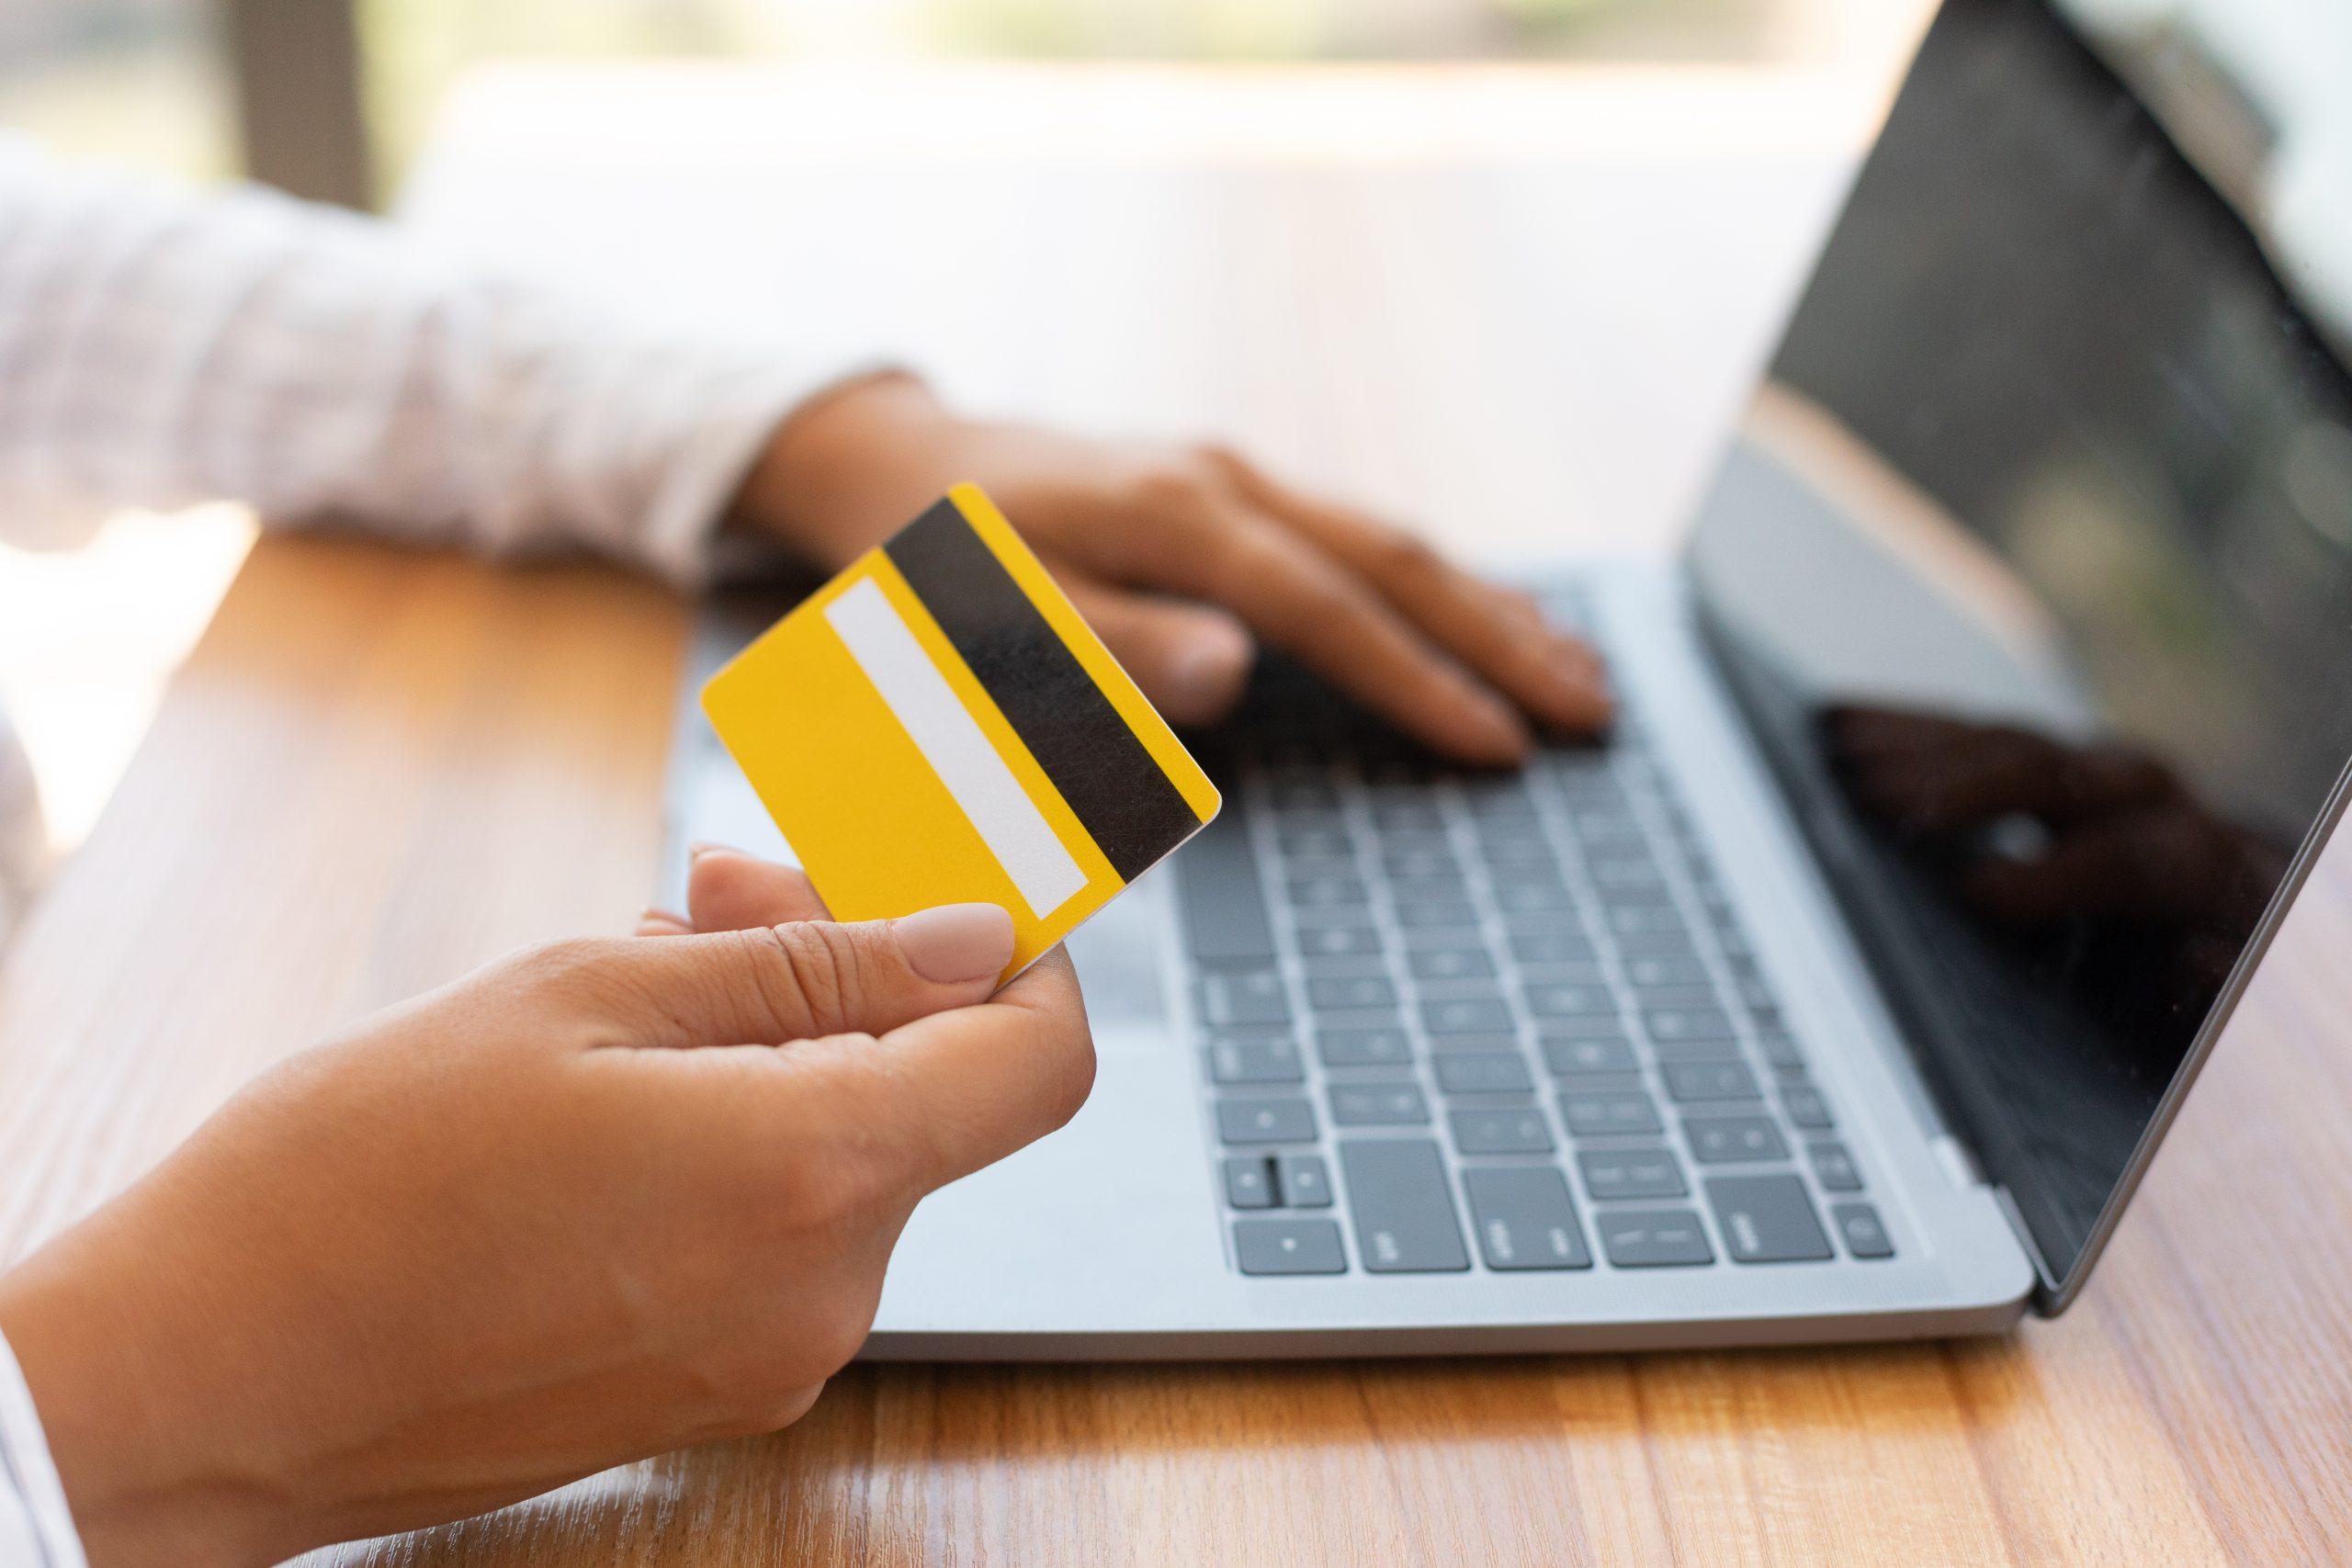 pessoa com cartão de crédito sem comprovação de renda na mão mexendo no notbook